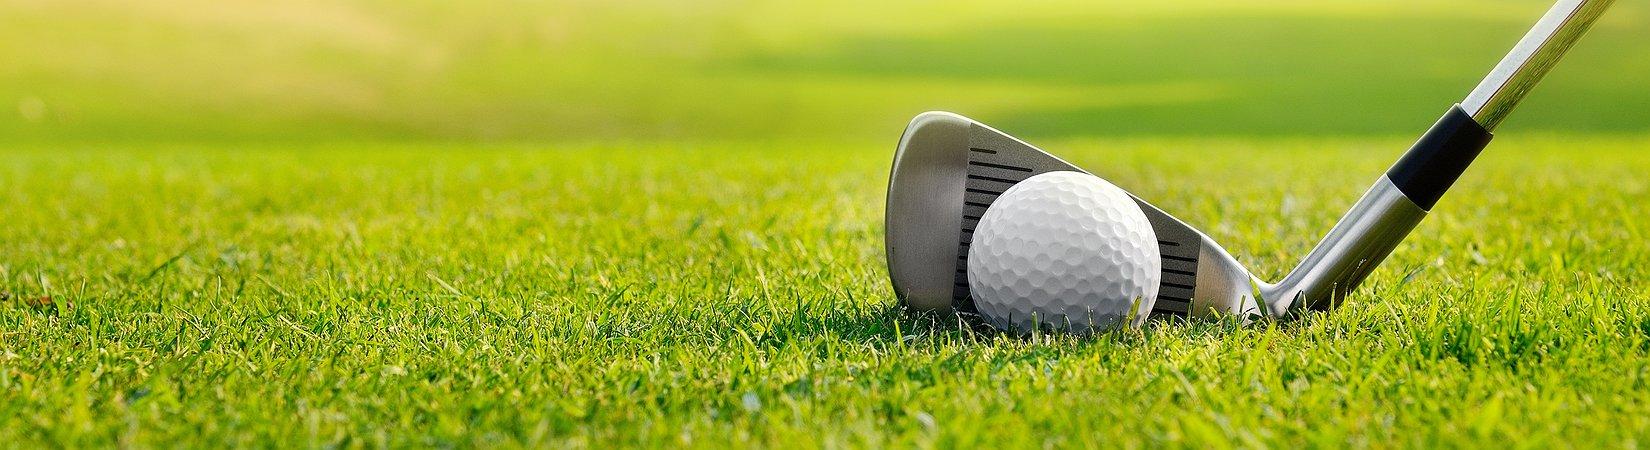 10 أوجه شبه بين الغولف والتداول